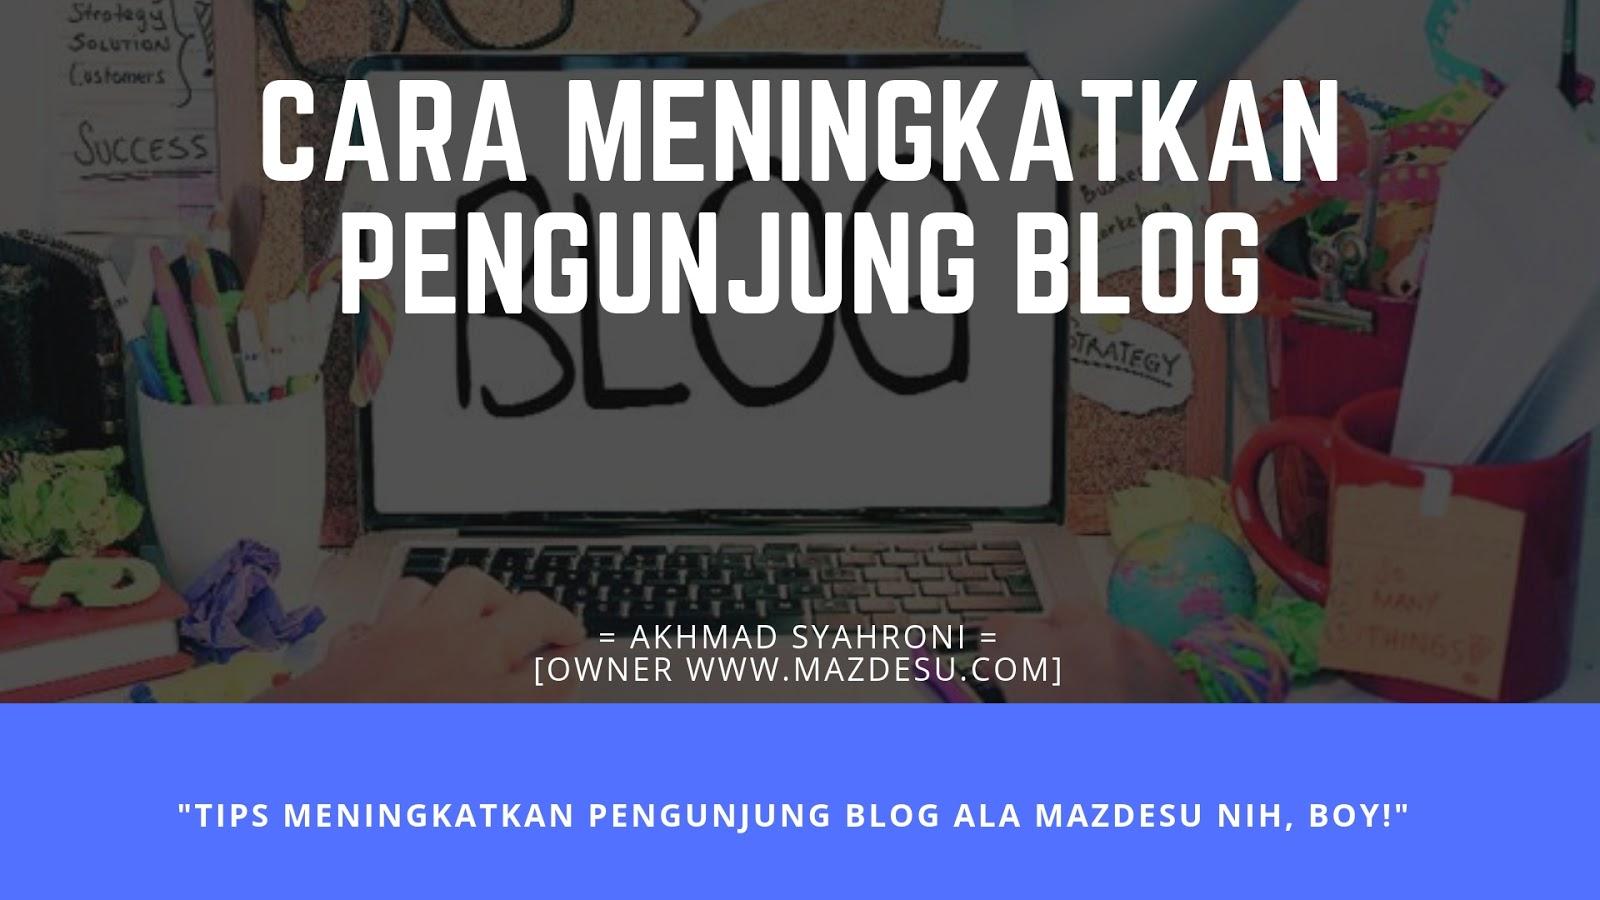 Cara Efektif Meningkatkan Pengunjung Blog